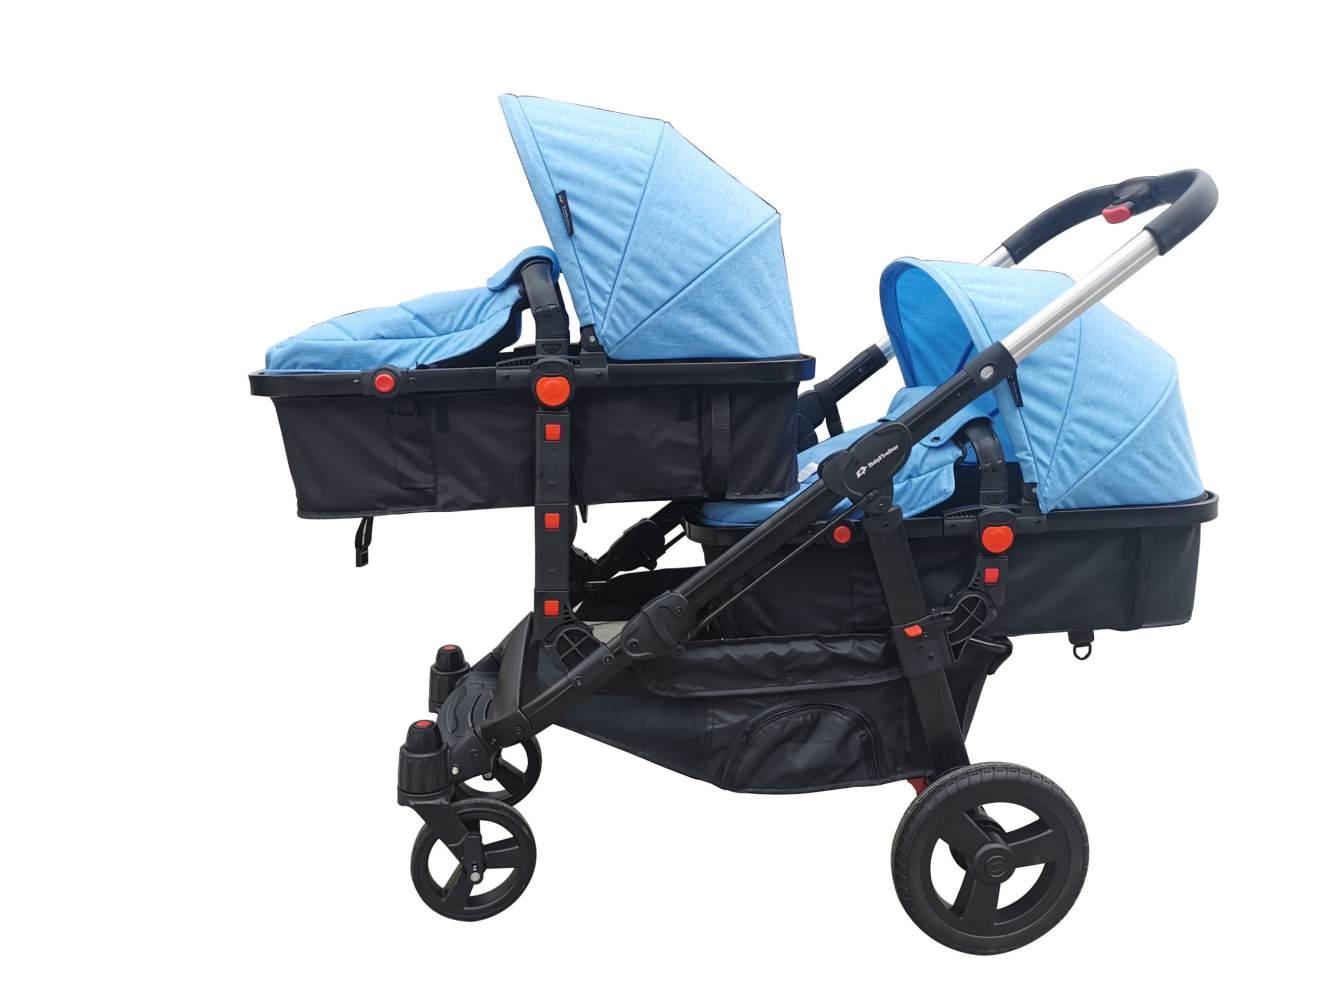 Babyfivestar Geschwisterwagen / Zwillingswagen Blue Schwarzes Gestell Bild 1